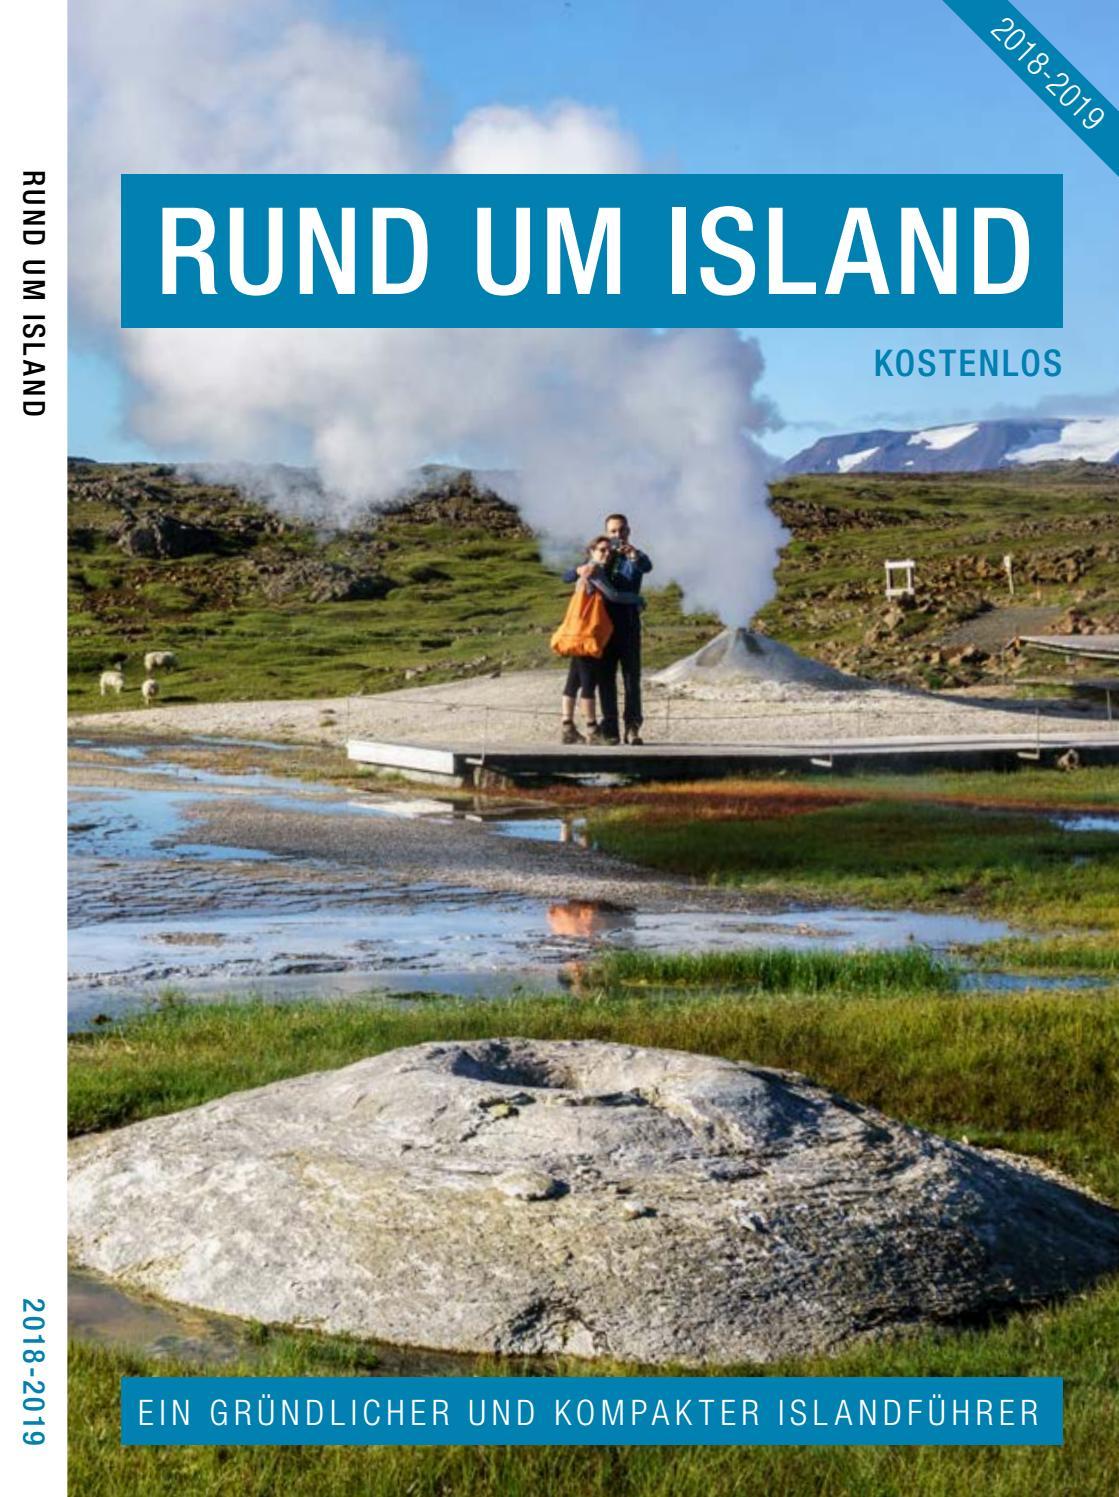 Rund um Island 2018-2019 by MD Reykjavik - issuu